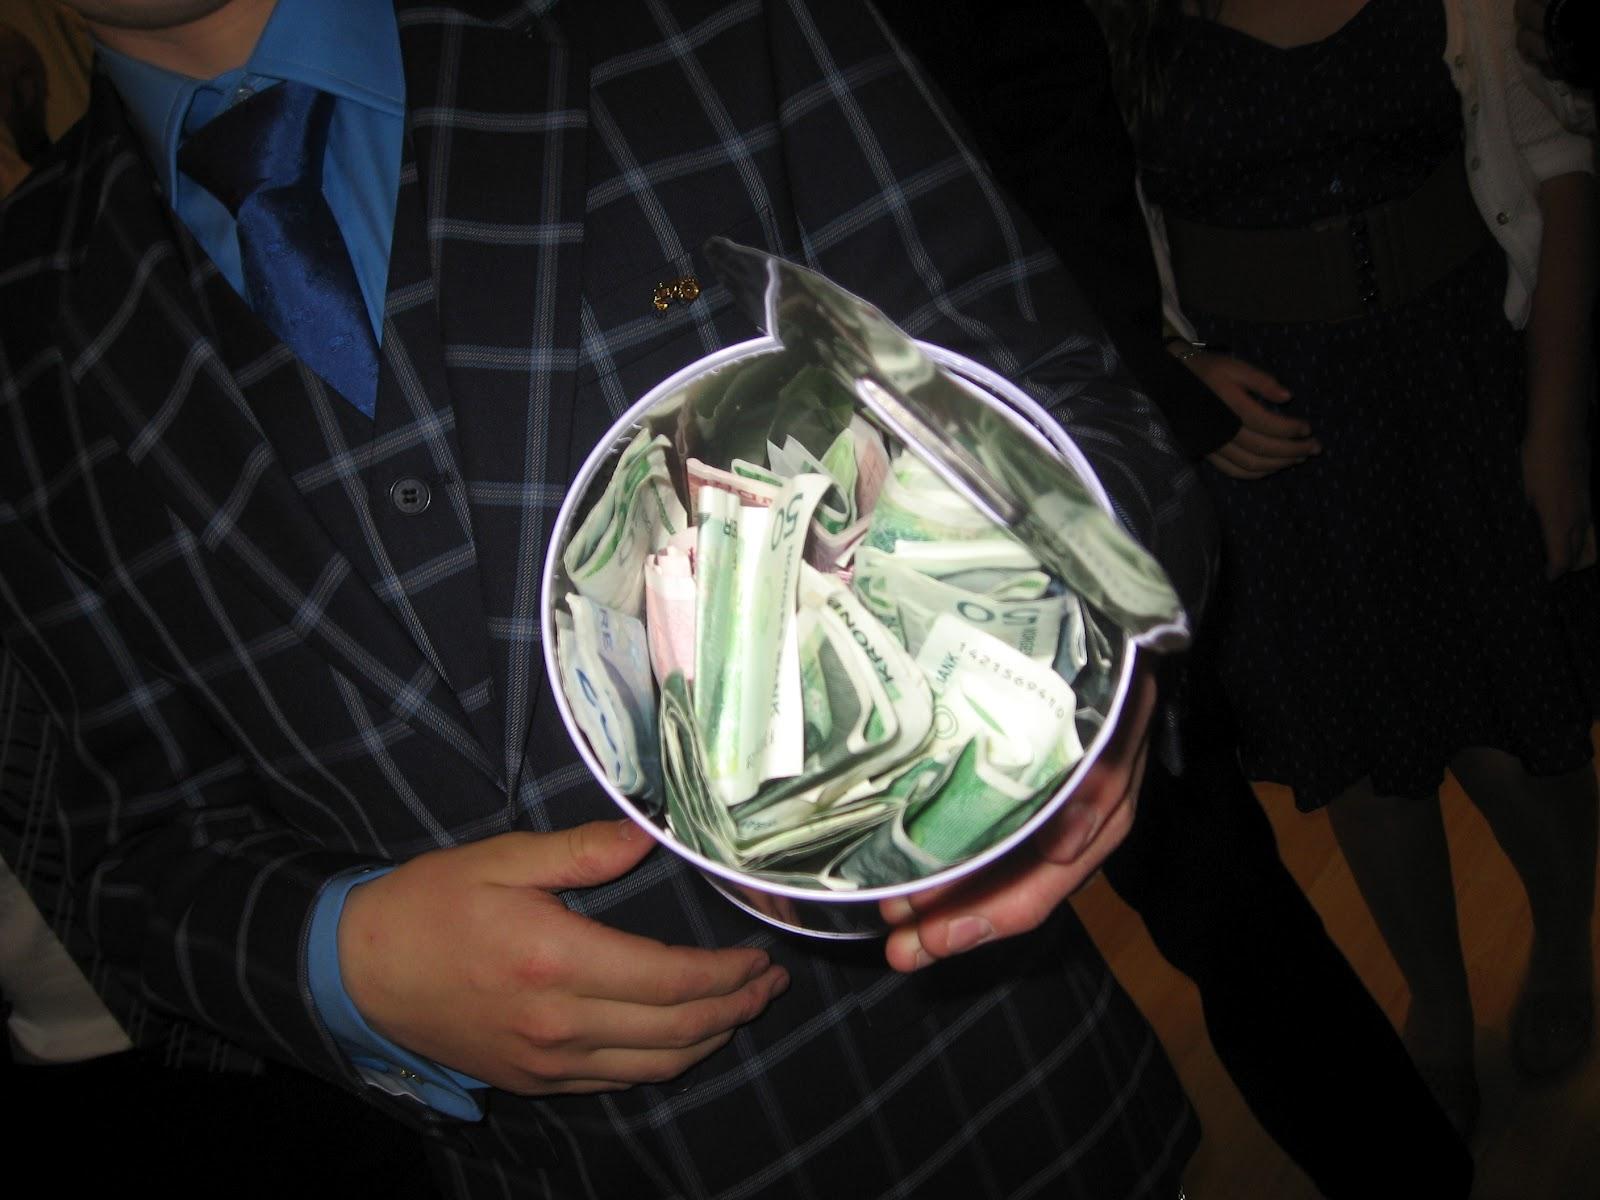 pengegave konfirmasjon nevø